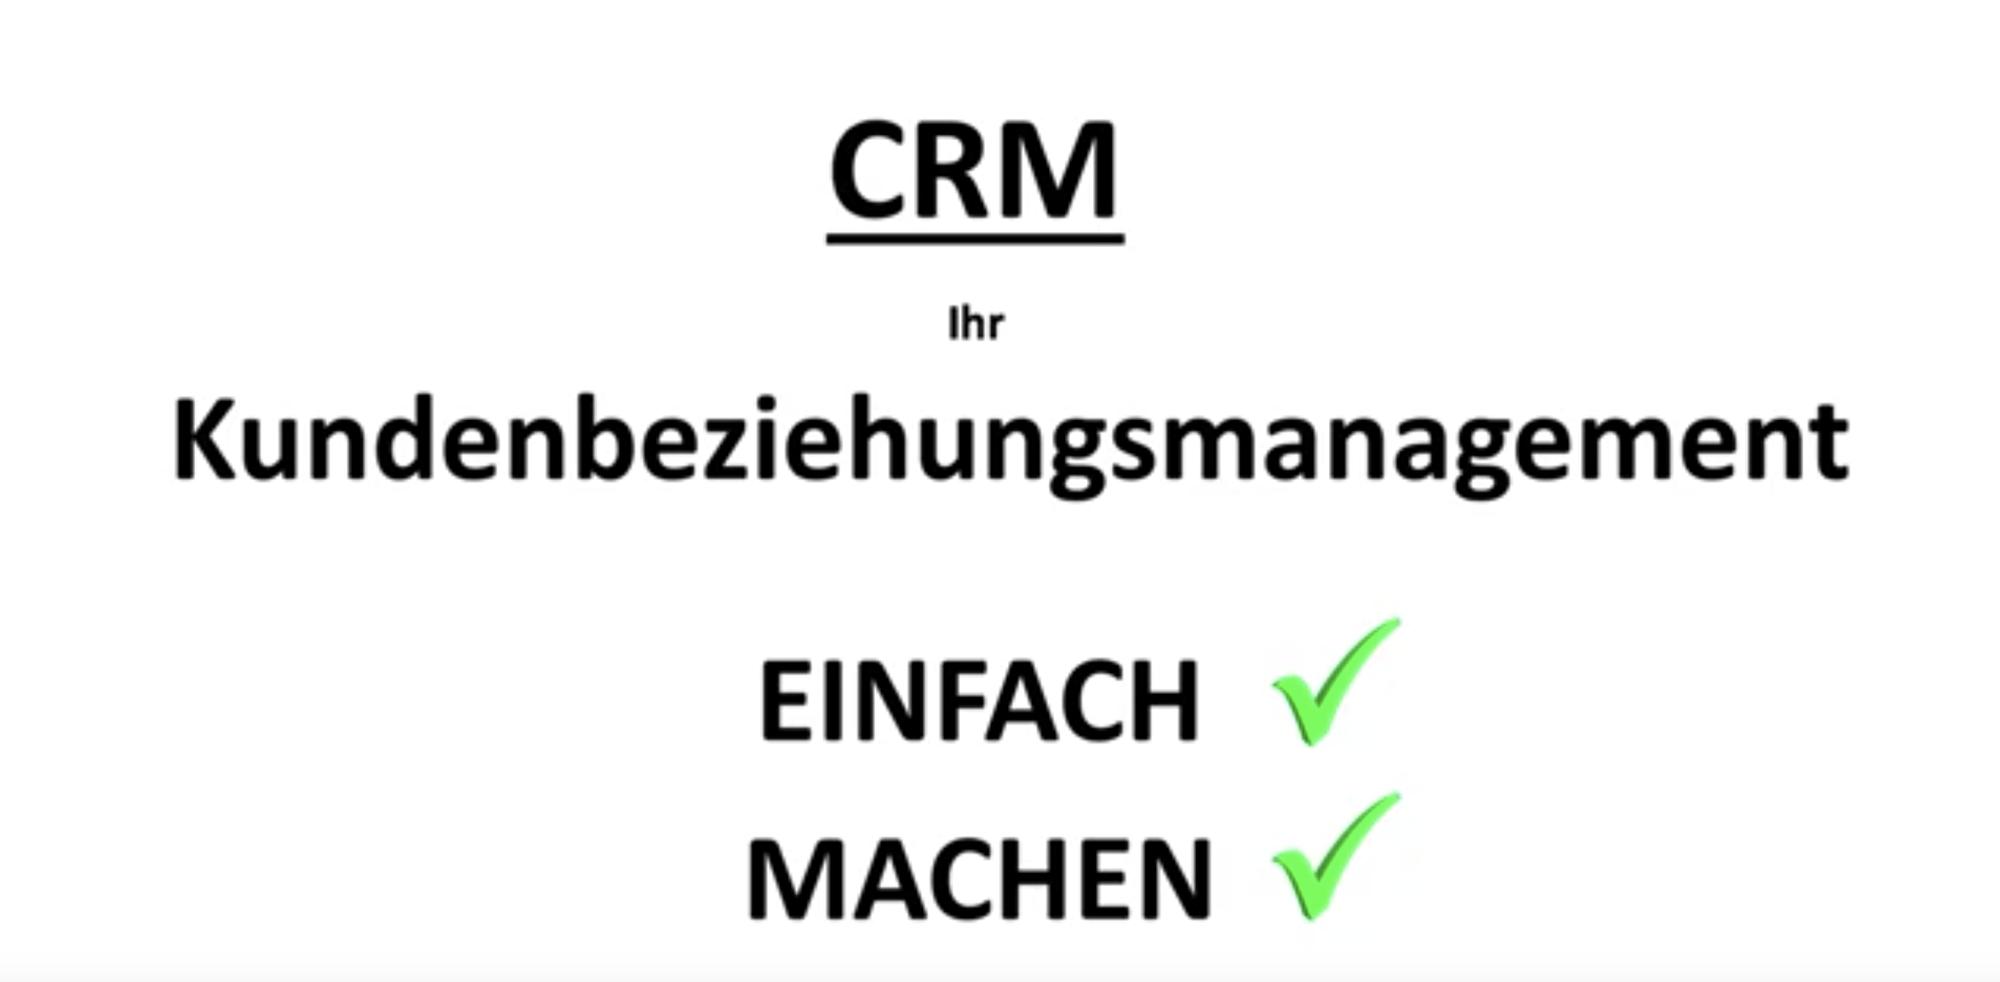 CRM - einfach - machen